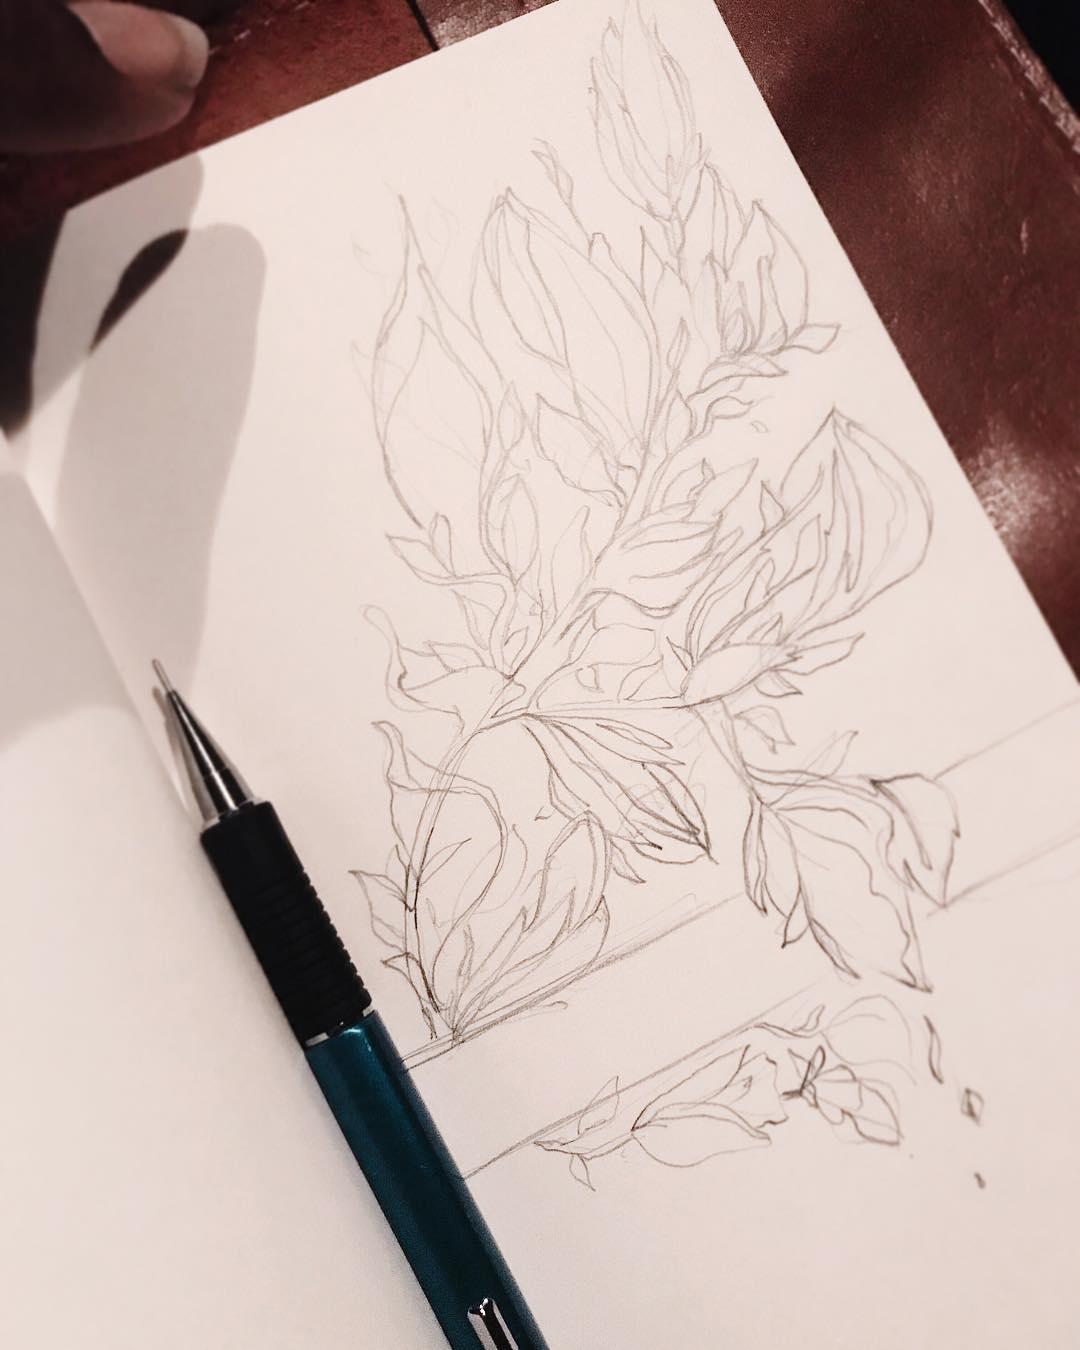 [ Floral Doodle 3 // 2018 // Pencil ]